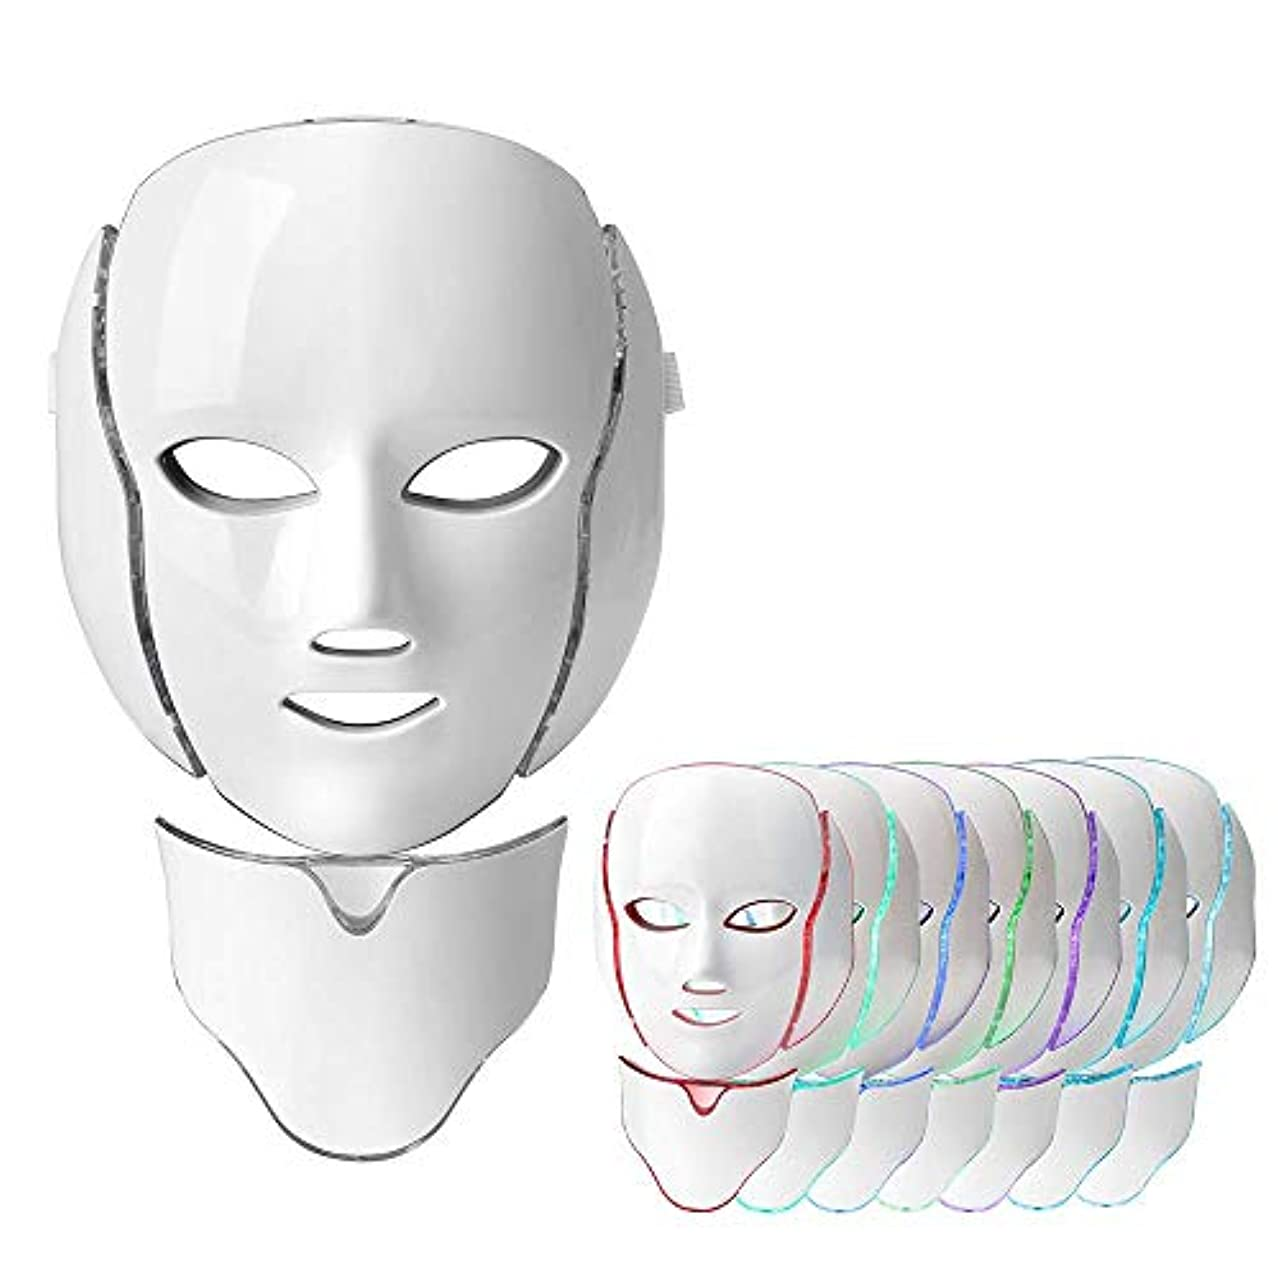 スピンコールドガラガラフォトンセラピーライトセラピーフェイスマスク、マイクロカレント7色ニキビ治療Ledフォトンマスクフェイシャルスキンケアアンチエイジングキット